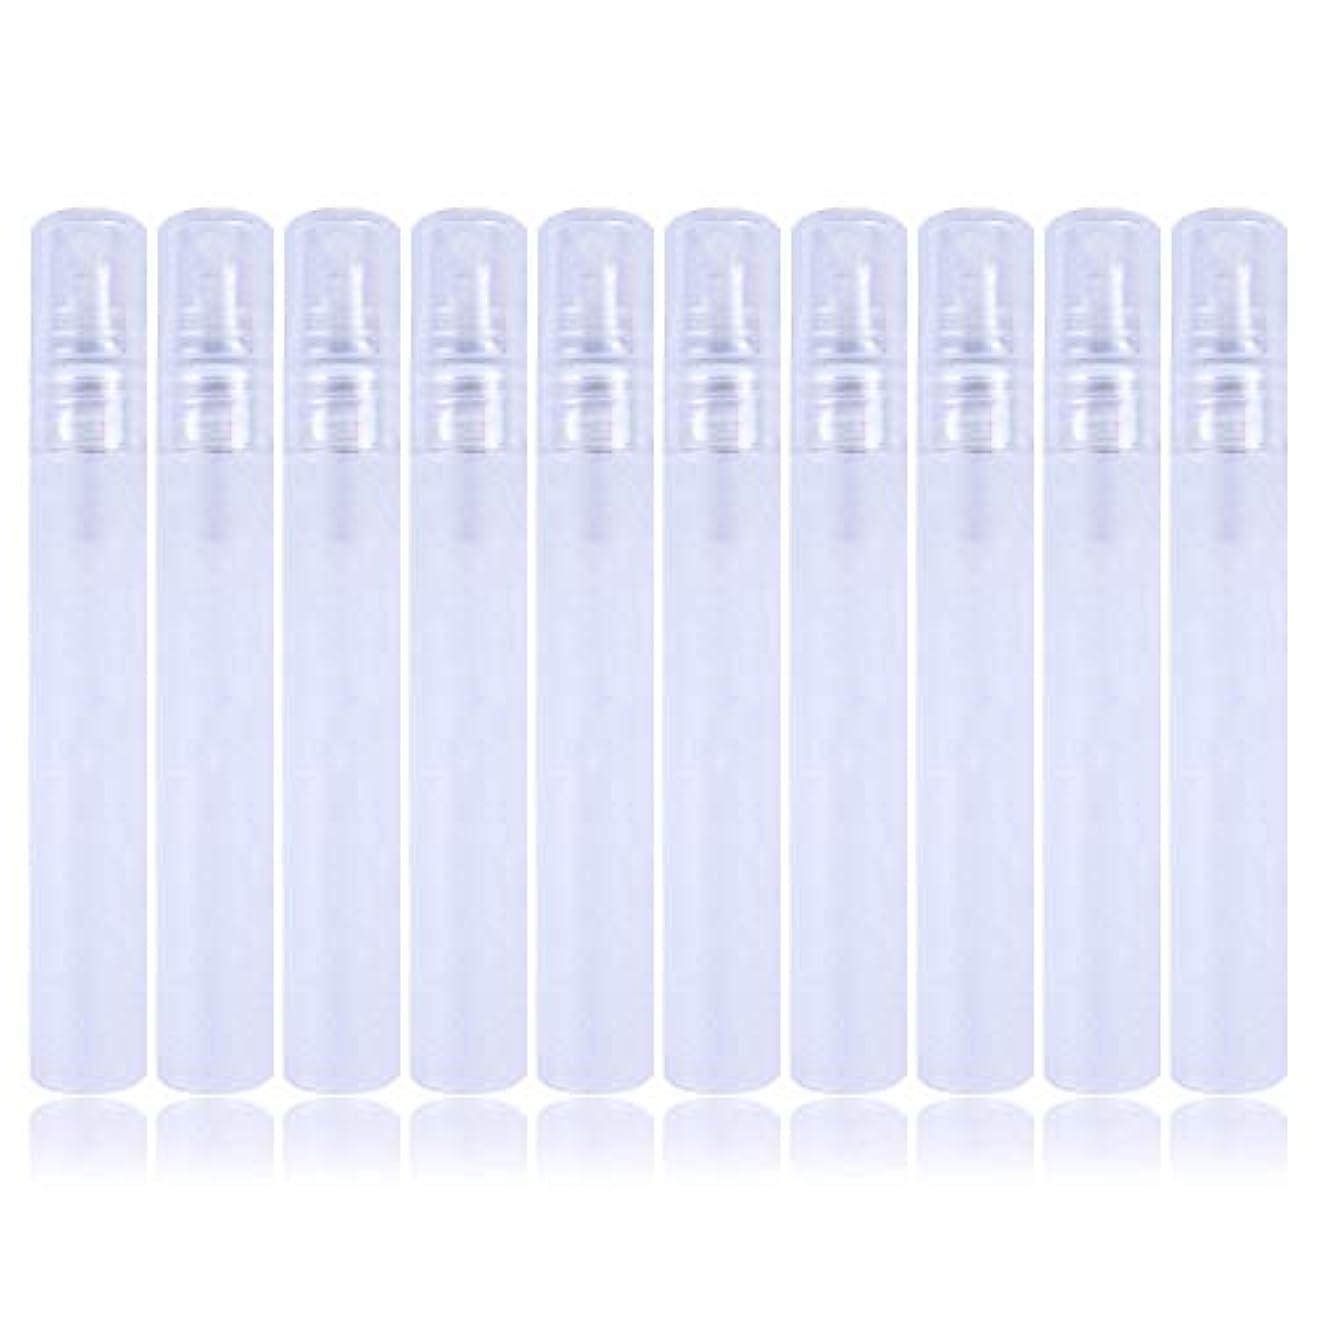 関係踏み台記事10個入り 10ml 透明な白 プラスチックボトルスプレー ミニサンプルボトル 香水、トナーなどに使用されます